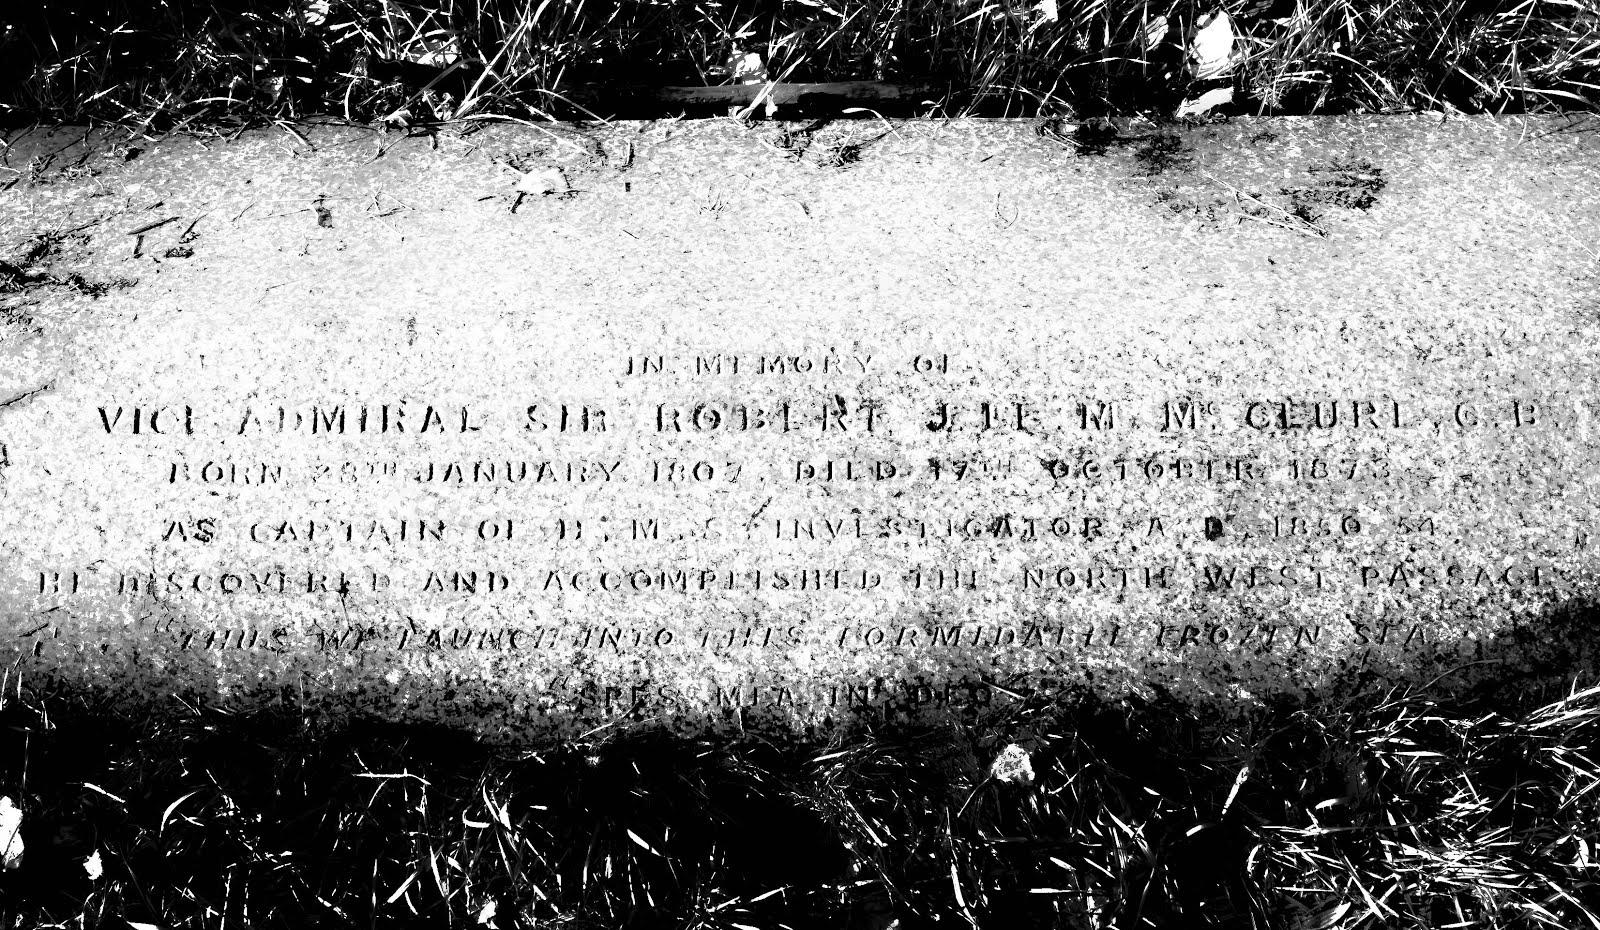 McClure's inscription.